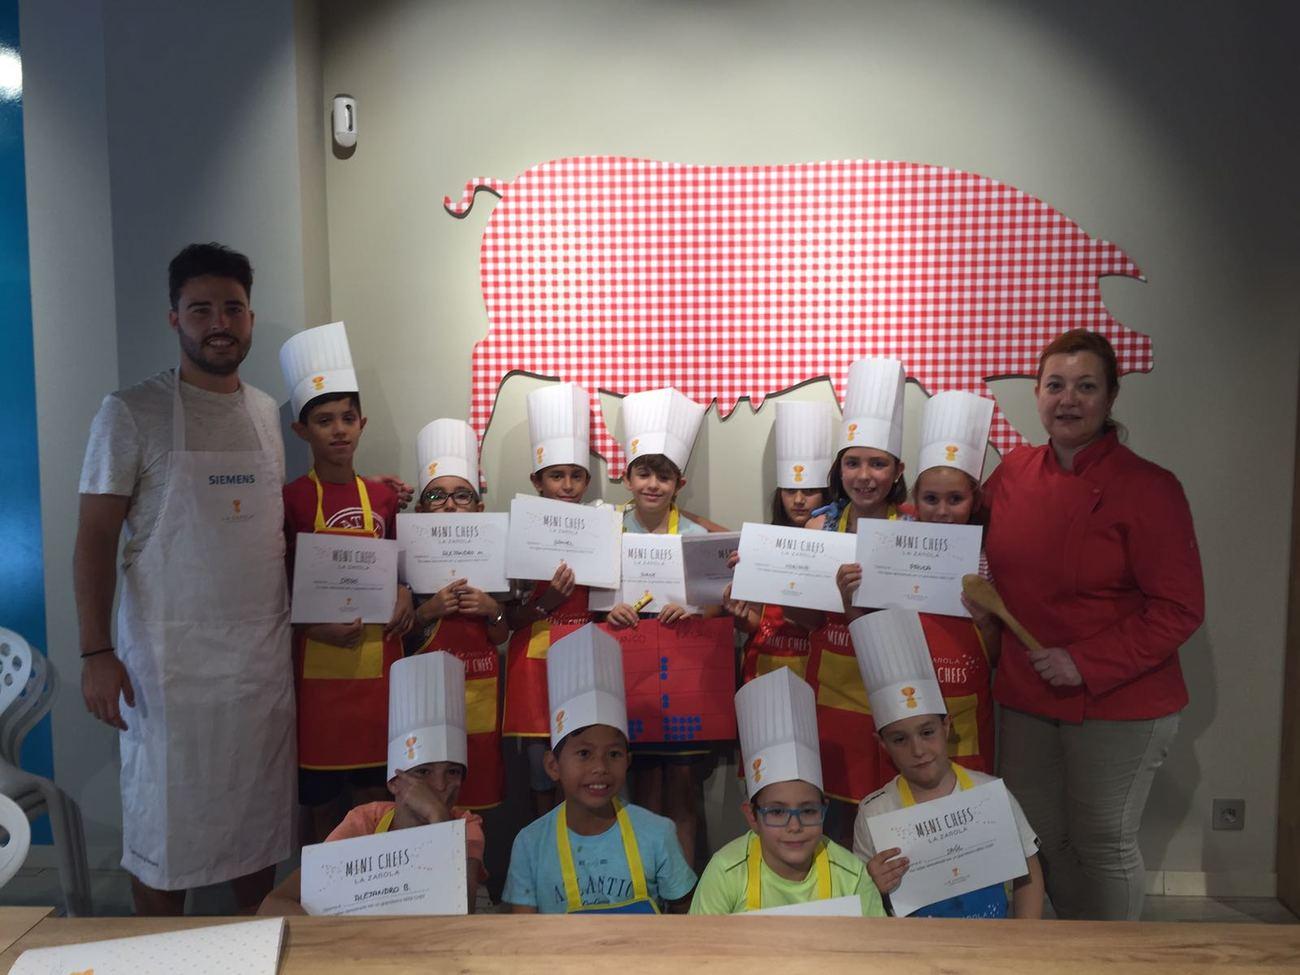 Curso de cocina para ni os en zaragoza un plan original - Escuela de cocina zaragoza ...